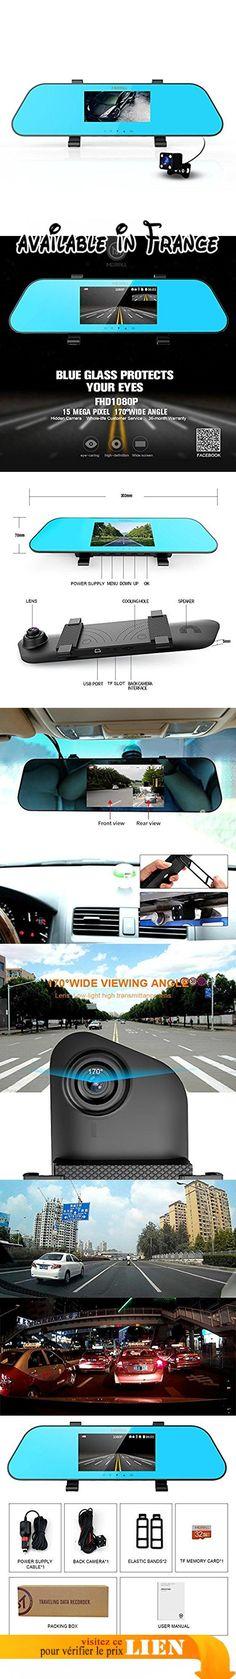 Merrill Dash Cam 10,9cm FHD 1080p LCD 140degrés appareil photo pour tableau de bord de voiture avec accéléromètre, WDR, enregistrement en boucle Super Vision nocturne Détection de mouvement h433Noir. Caméra de tableau de bord FHD 1080p angle 140° double canal 10,9cm LCD enregistreur caméra de voiture avec caméra arrière, accéléromètre, détection de mouvement, enregistrement en boucle Vision nocturne WDR. Enregistrement double avant et arrière-Avant